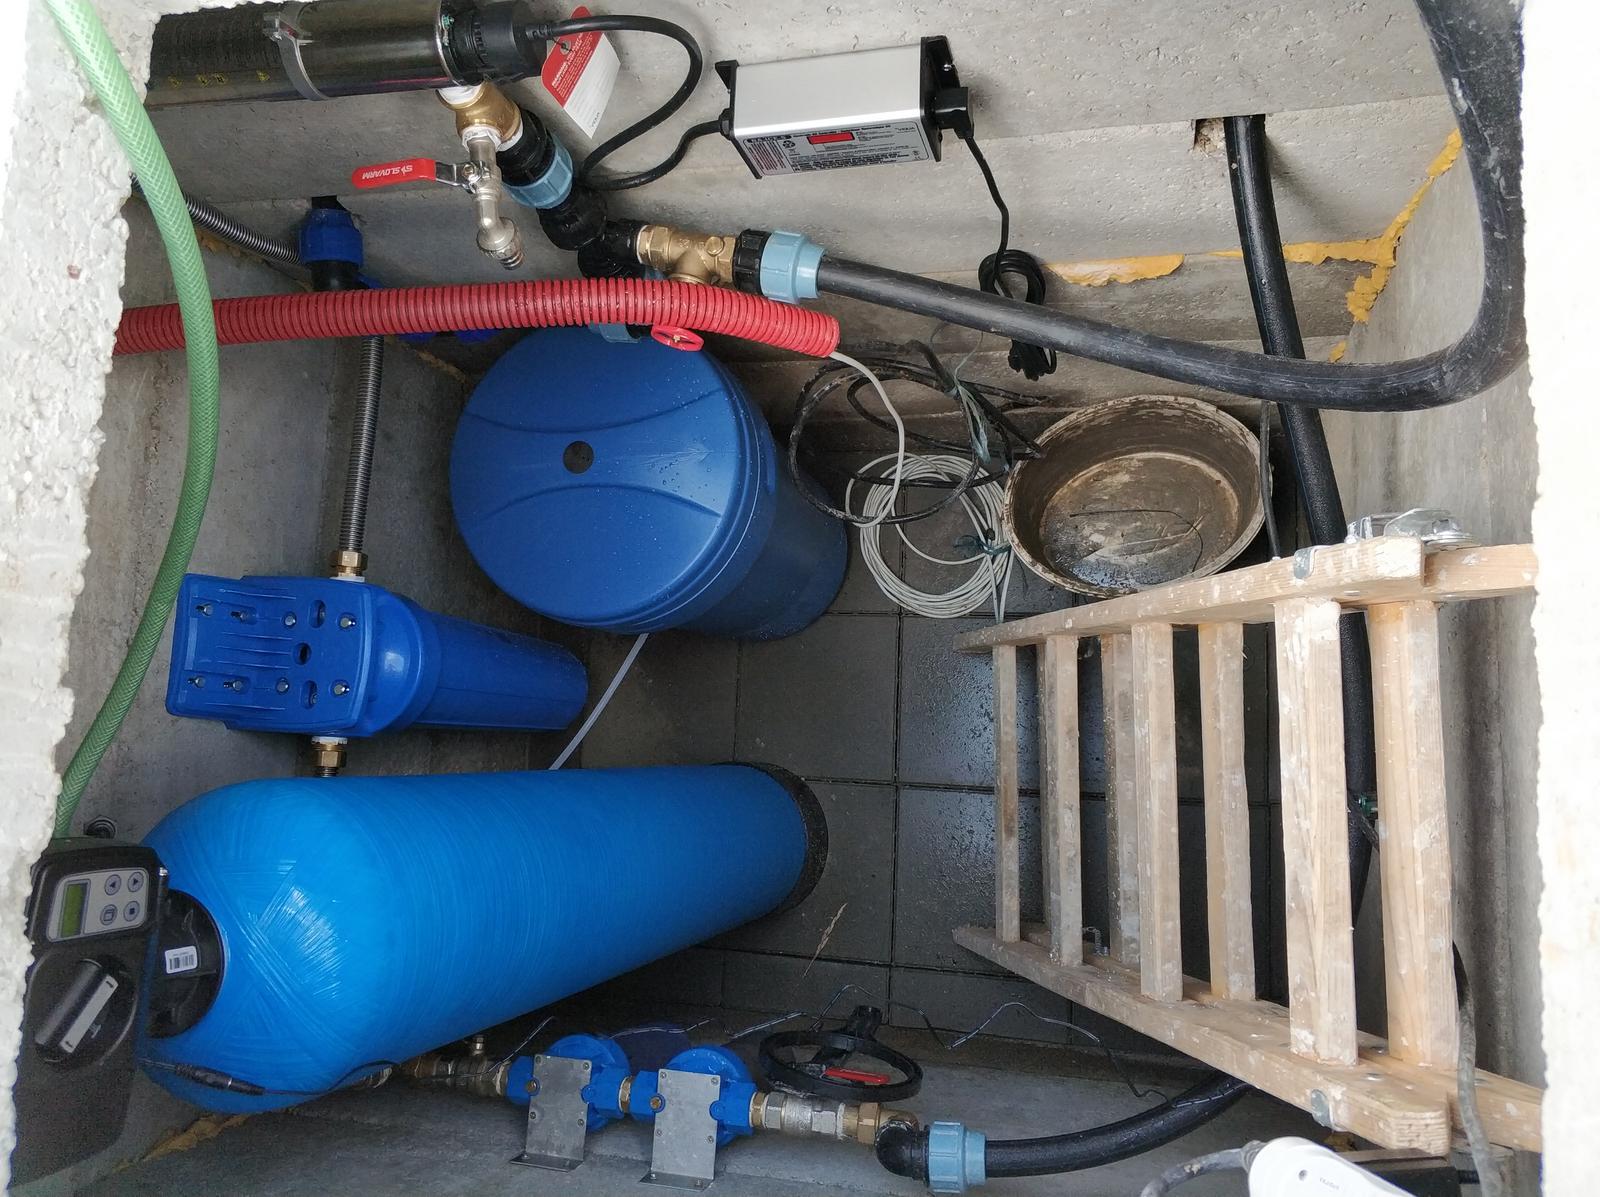 Stavba RD - Kuzmice (Topoľčany) - Veľkosť šachty nakoniec zvolená akurát :D :D :D ... všetko má svoje miesto ... Úprava vody na čistú, pitnú vodu od spoločnosti AquaLive!